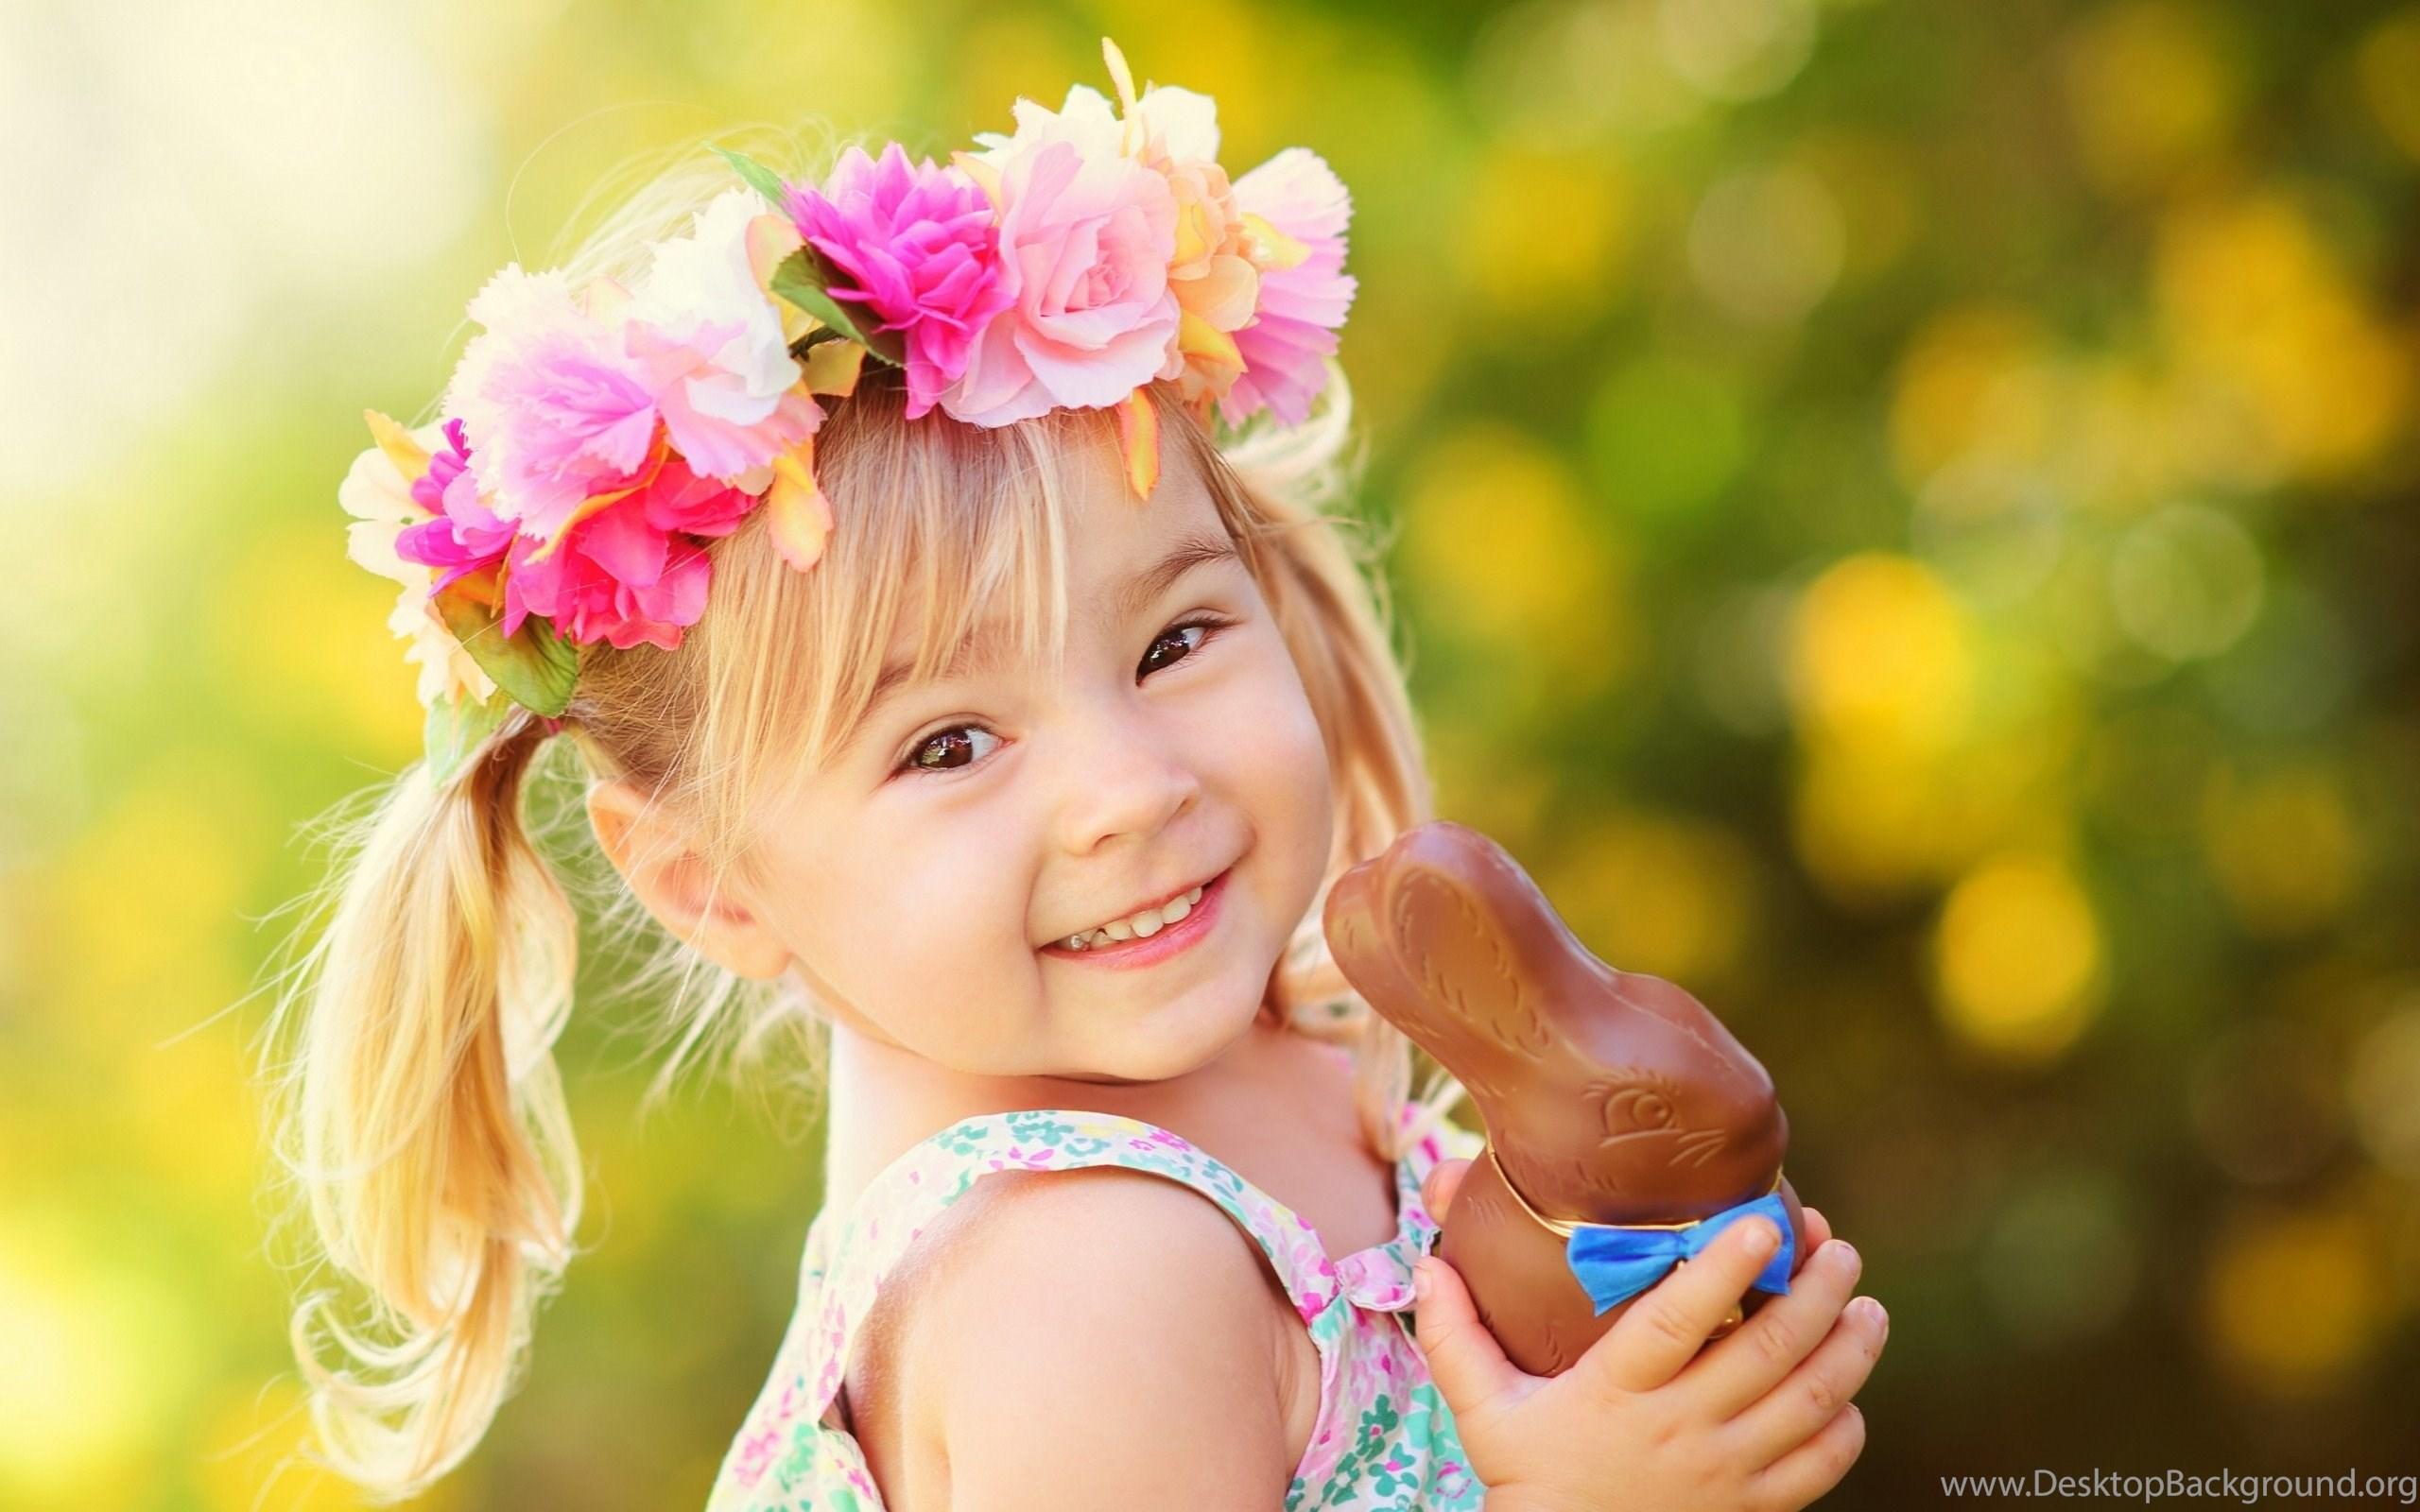 hd happy children kids desktop wallpapers hirewallpapers 9200